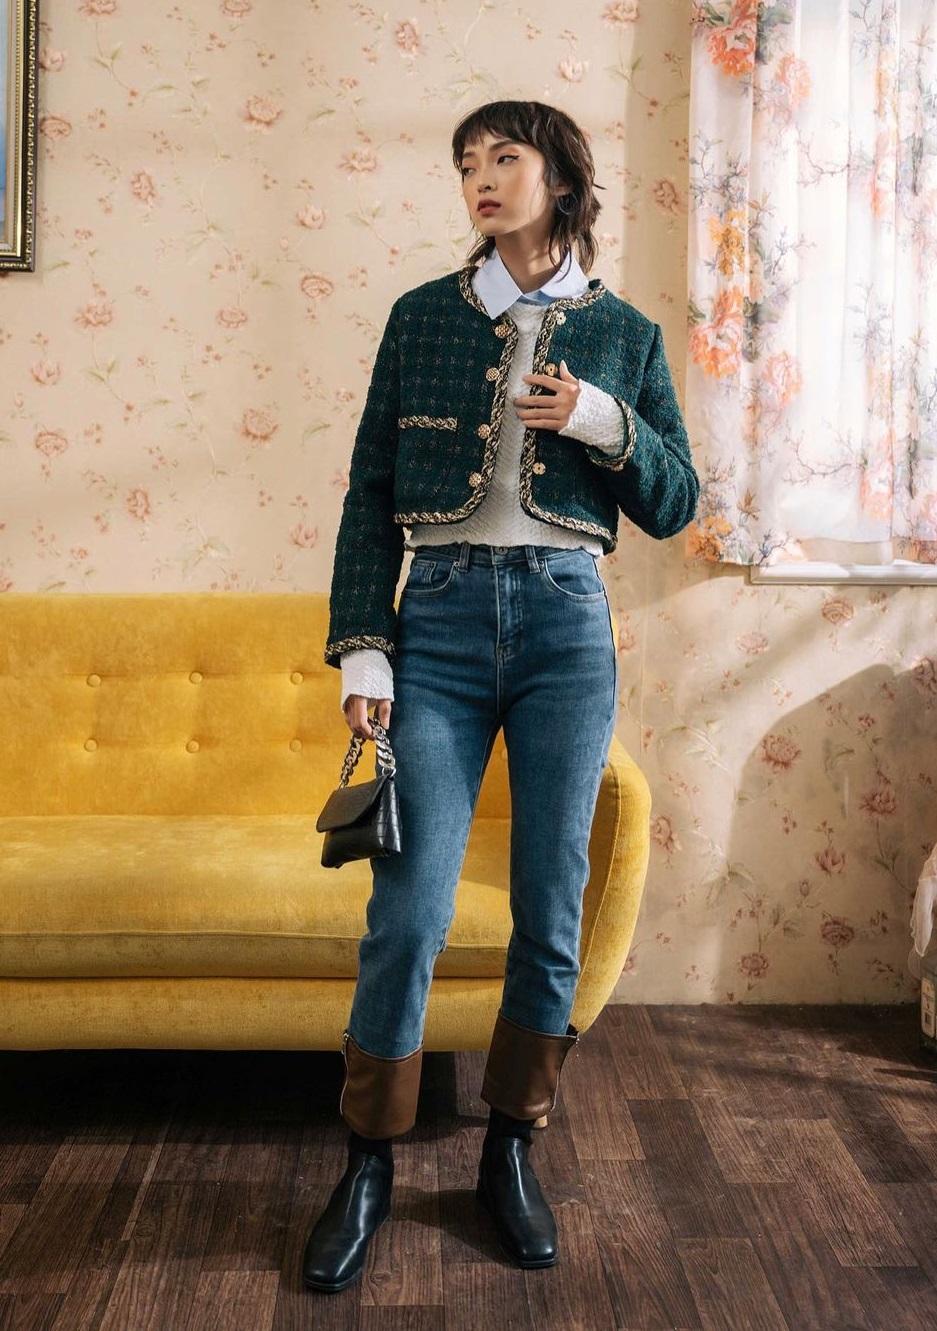 Công nương Kate chỉ ra kiểu áo khoác sang chảnh bất chấp thời gian, đã thế còn cực dễ mặc và tôn dáng đỉnh cao - Ảnh 16.